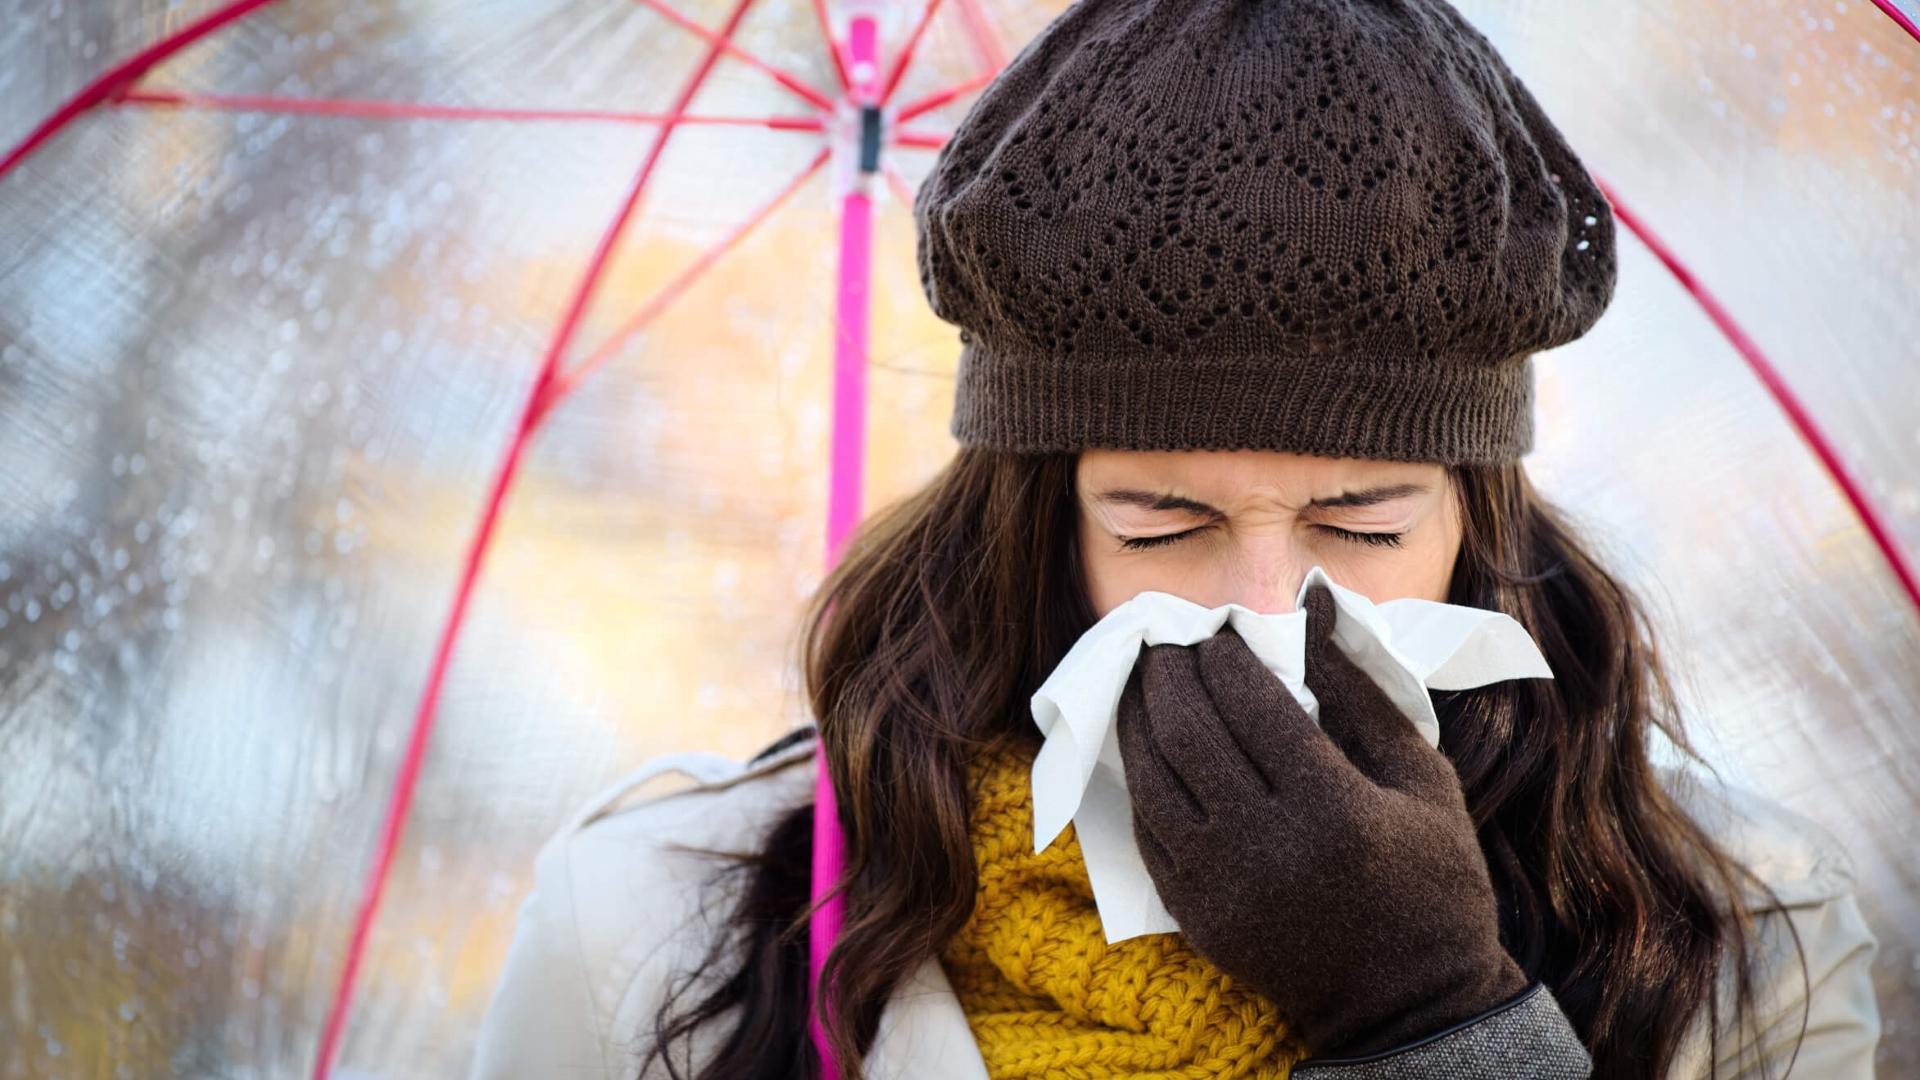 Сардины помогли ученым спрогнозировать вспышки гриппа